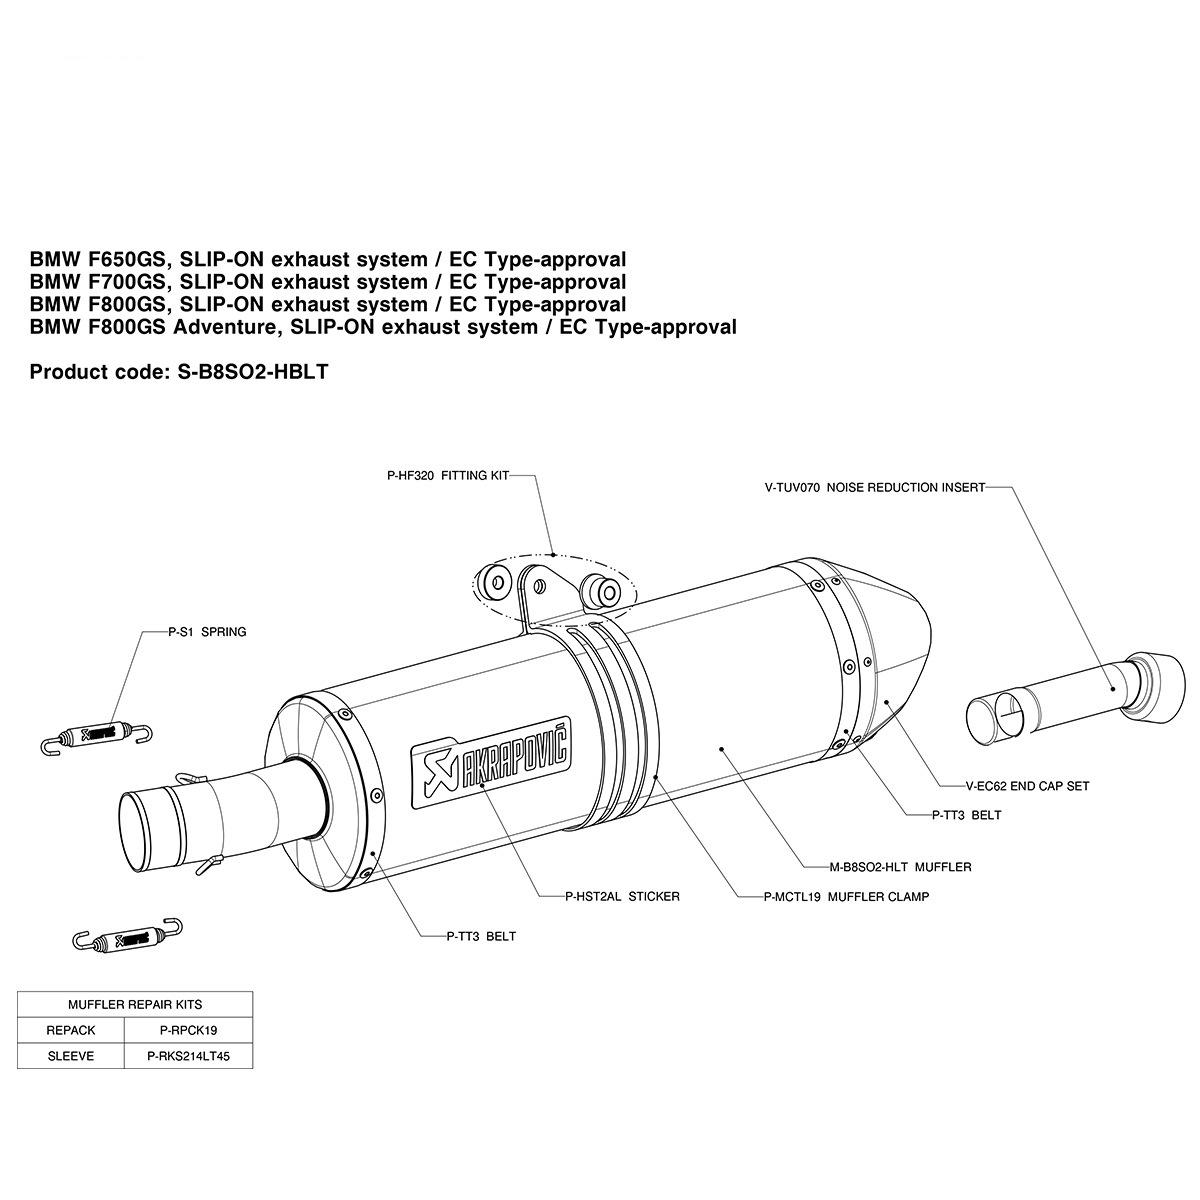 F700g Engine Diagram - Wiring Diagram & Schemas